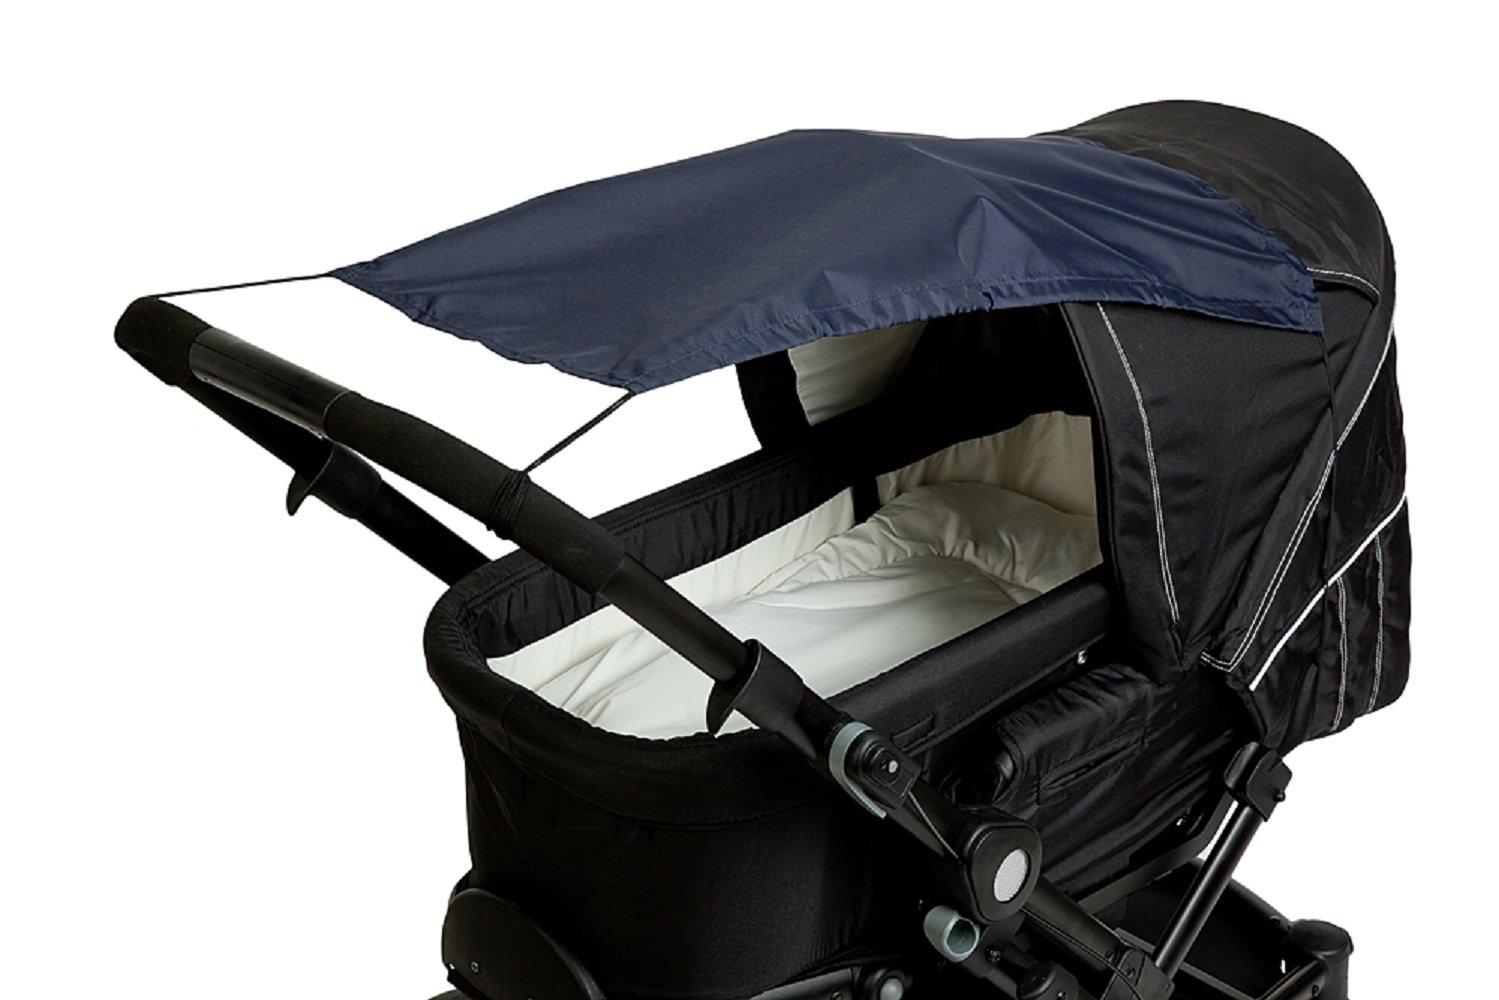 Altabebe AL7010-03 Sonnensegel mit UV Schutz für Kinderwagen/Buggys, beige AL7010 - 03